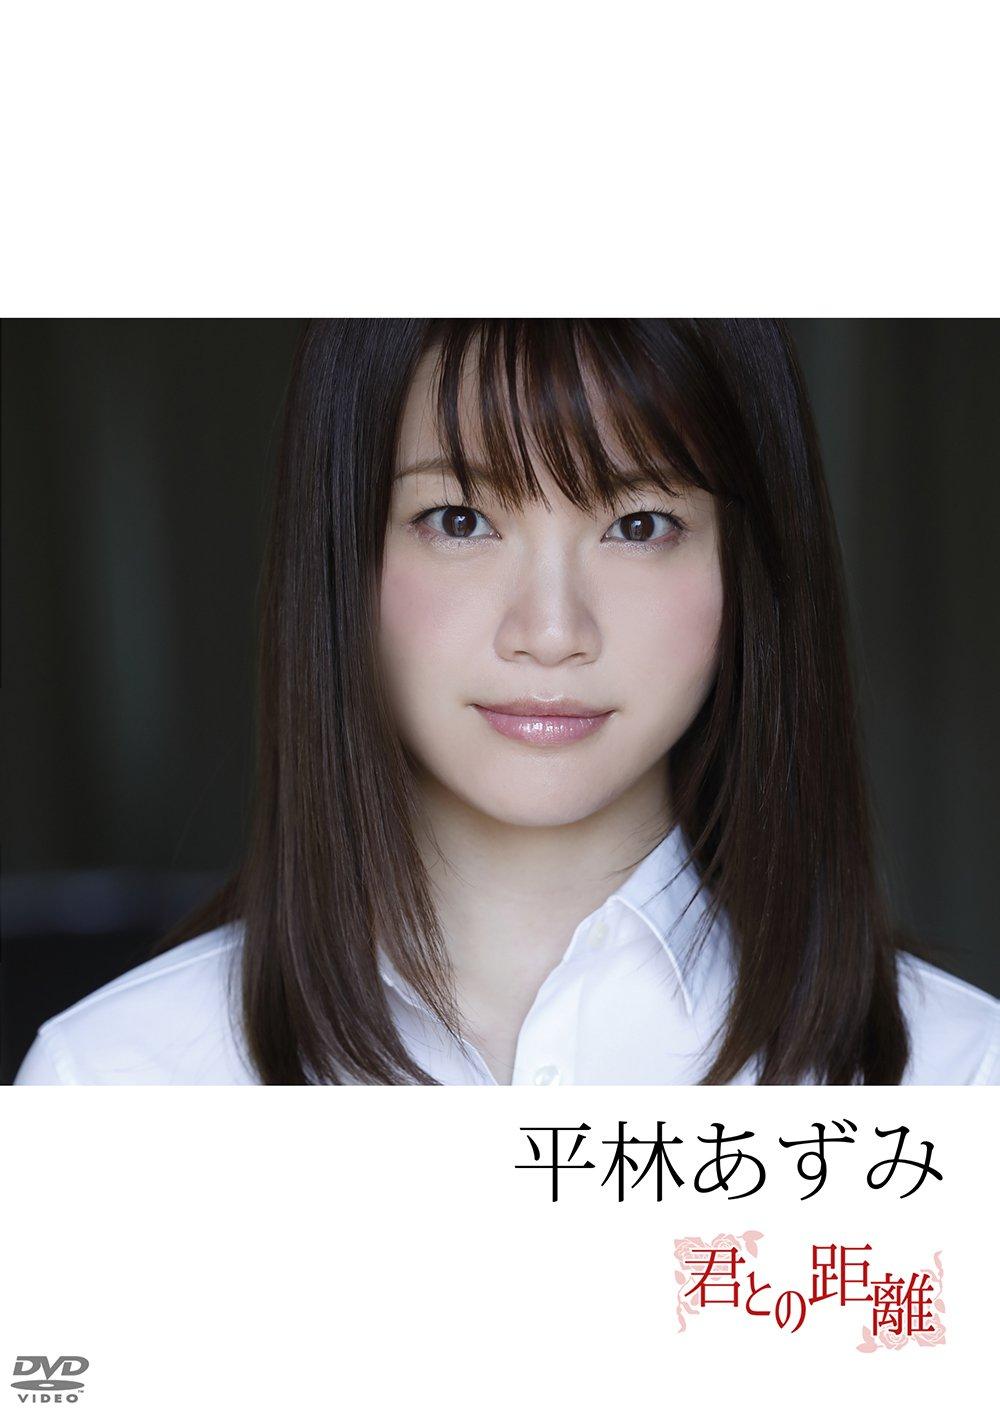 平林あずみ DVD ≪君との距離≫ (発売日 2018/06/21)